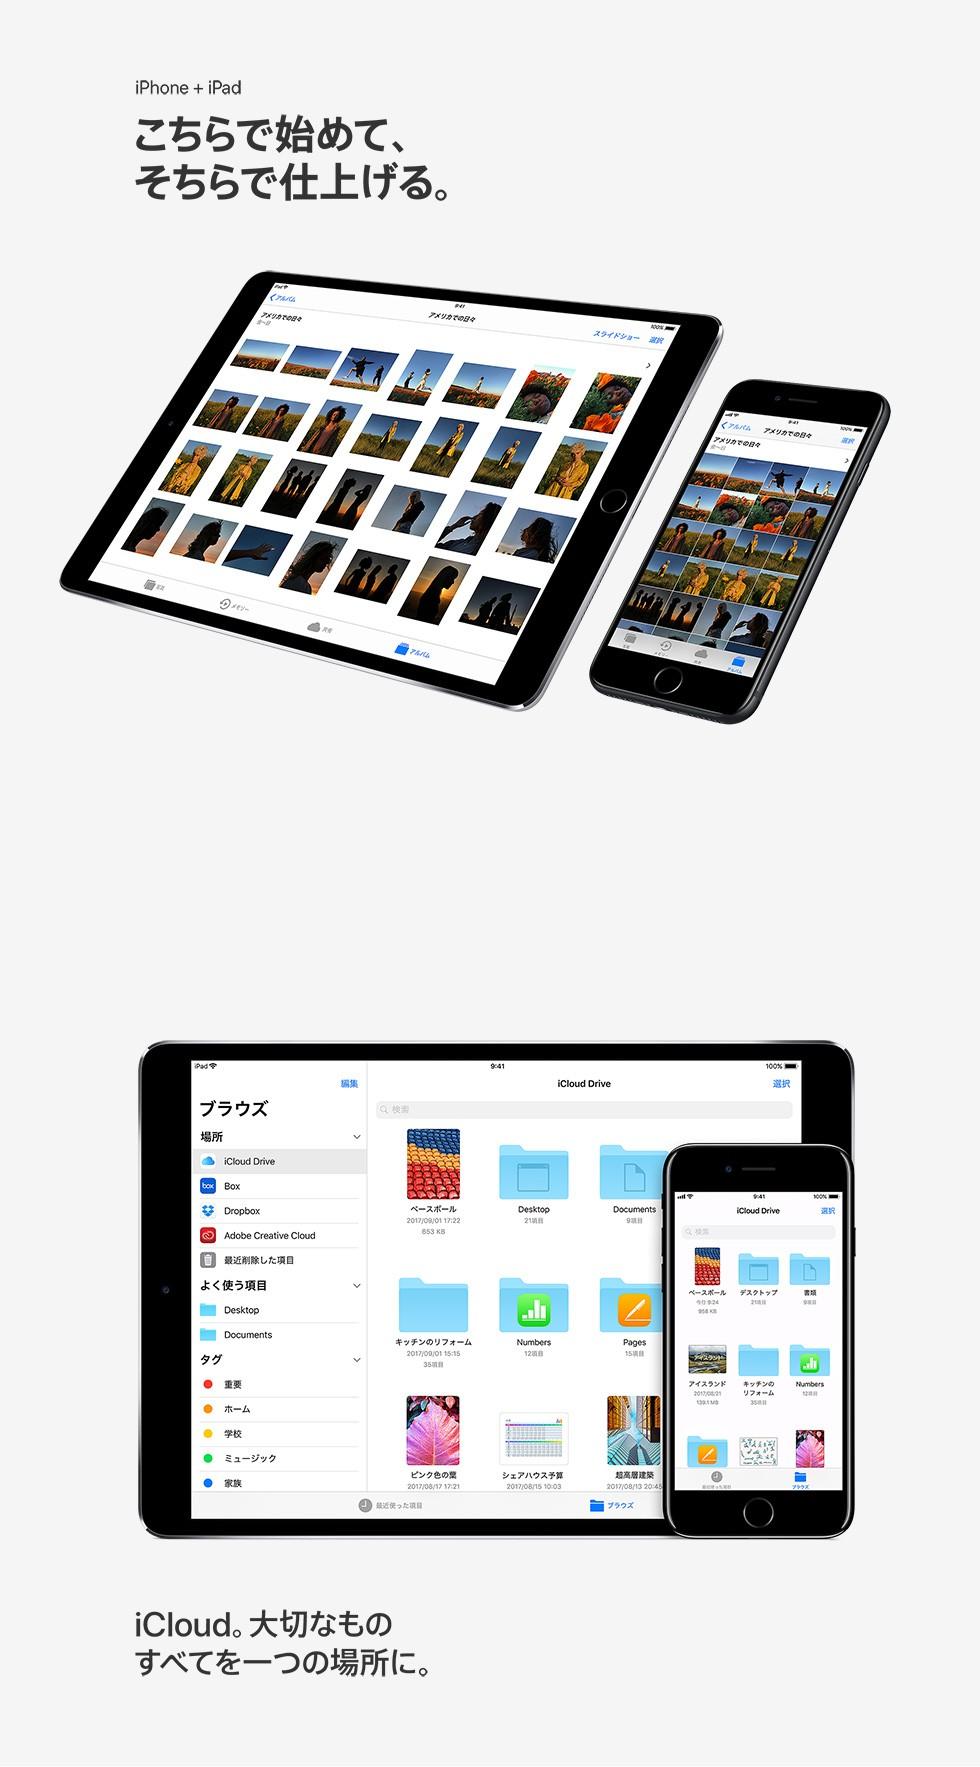 iPhone + iPad こちらで始めて、そちらで仕上げる。